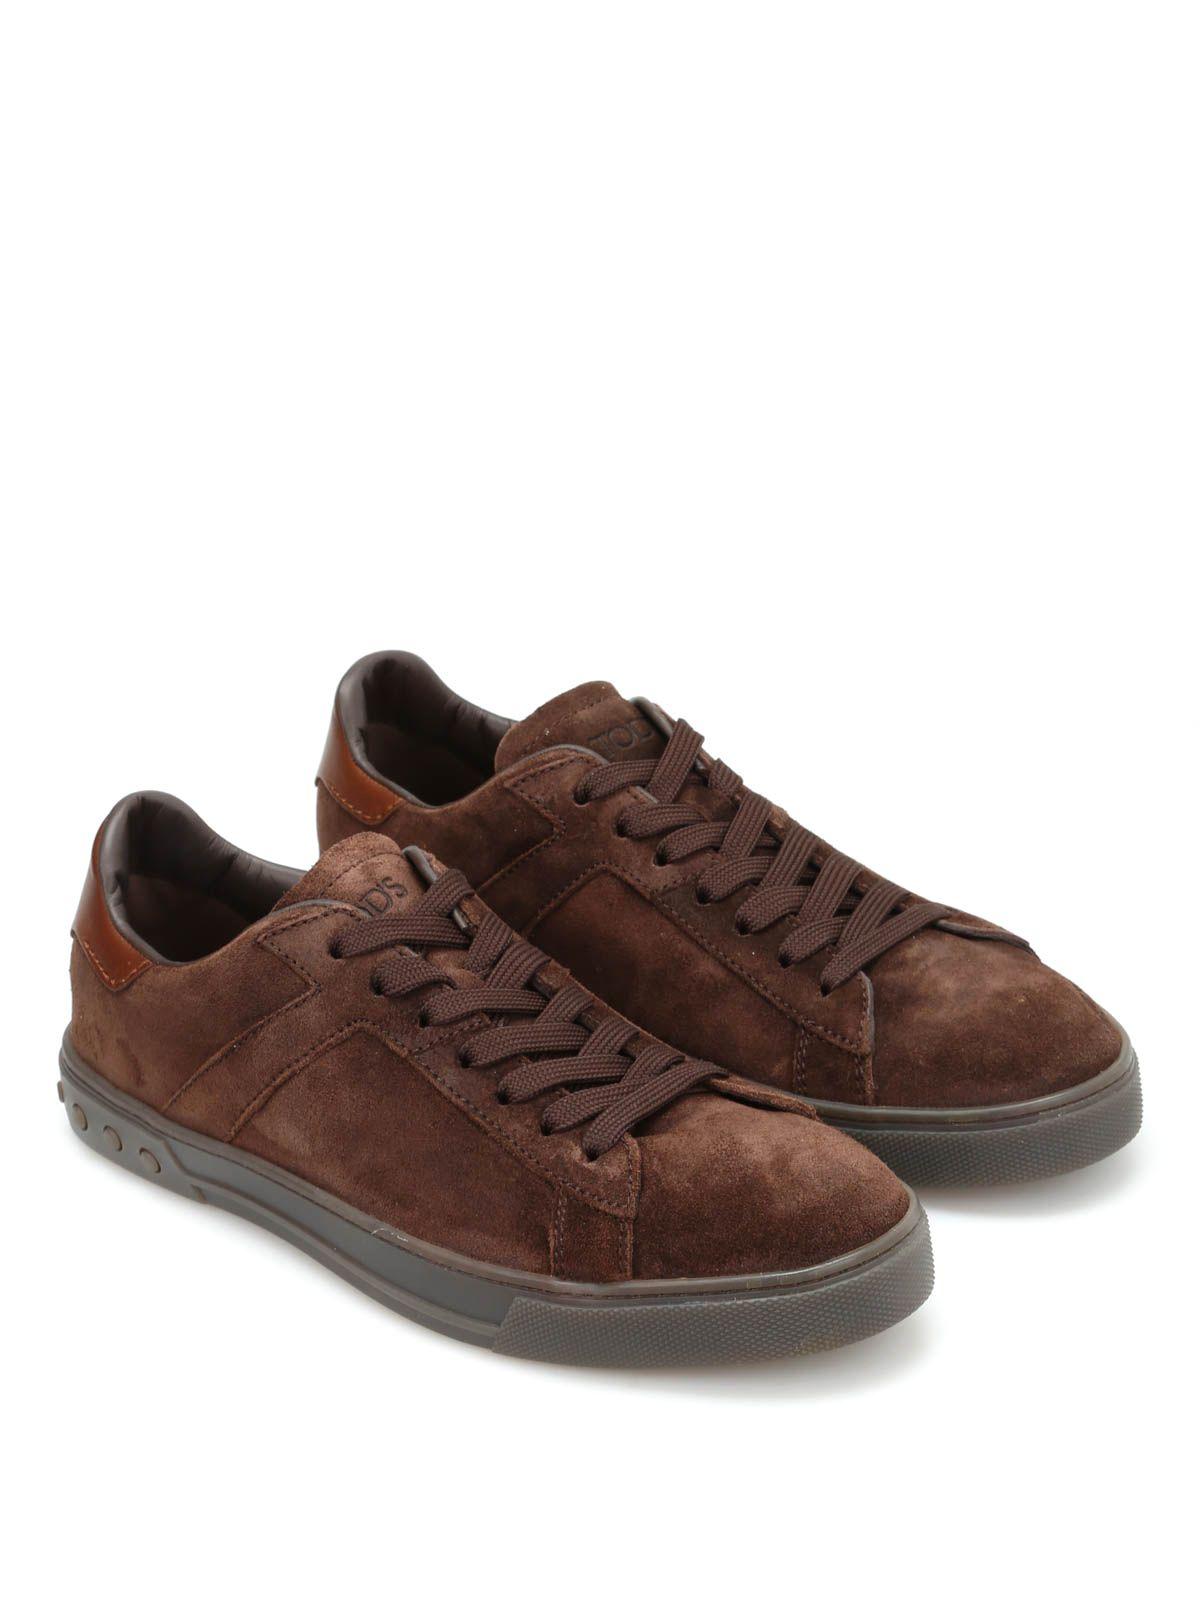 Tods Low Top Suede Sneakers